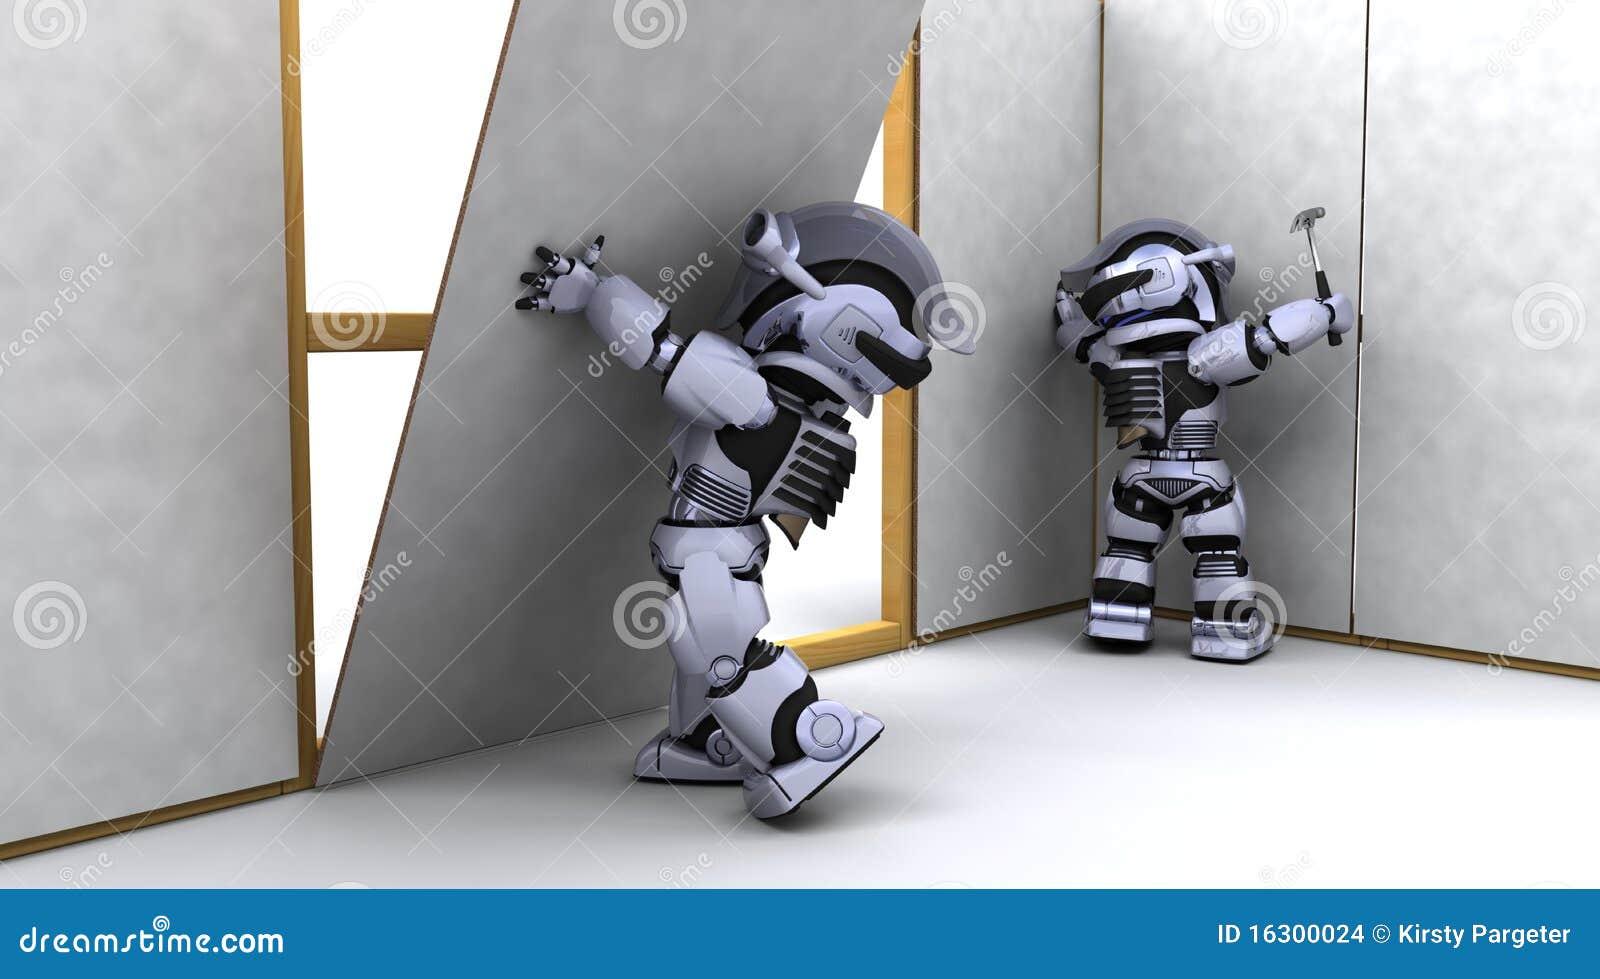 建筑承包商干式墙机器人